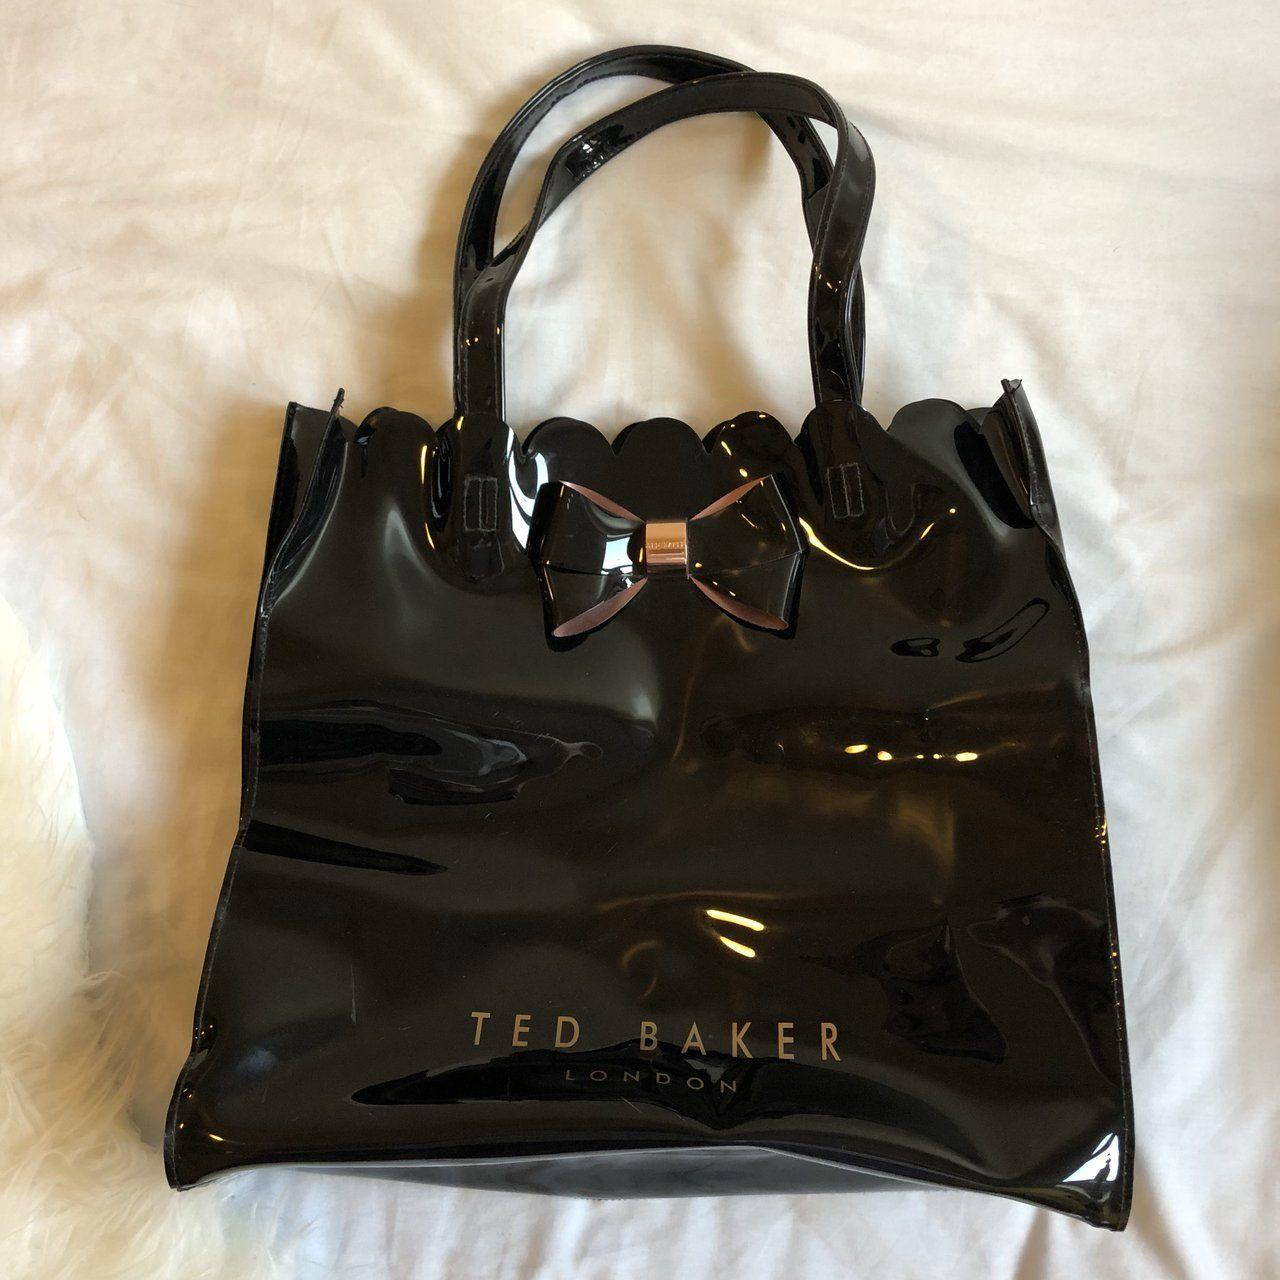 505bed4a91b2 Genuine black Ted Baker London bag